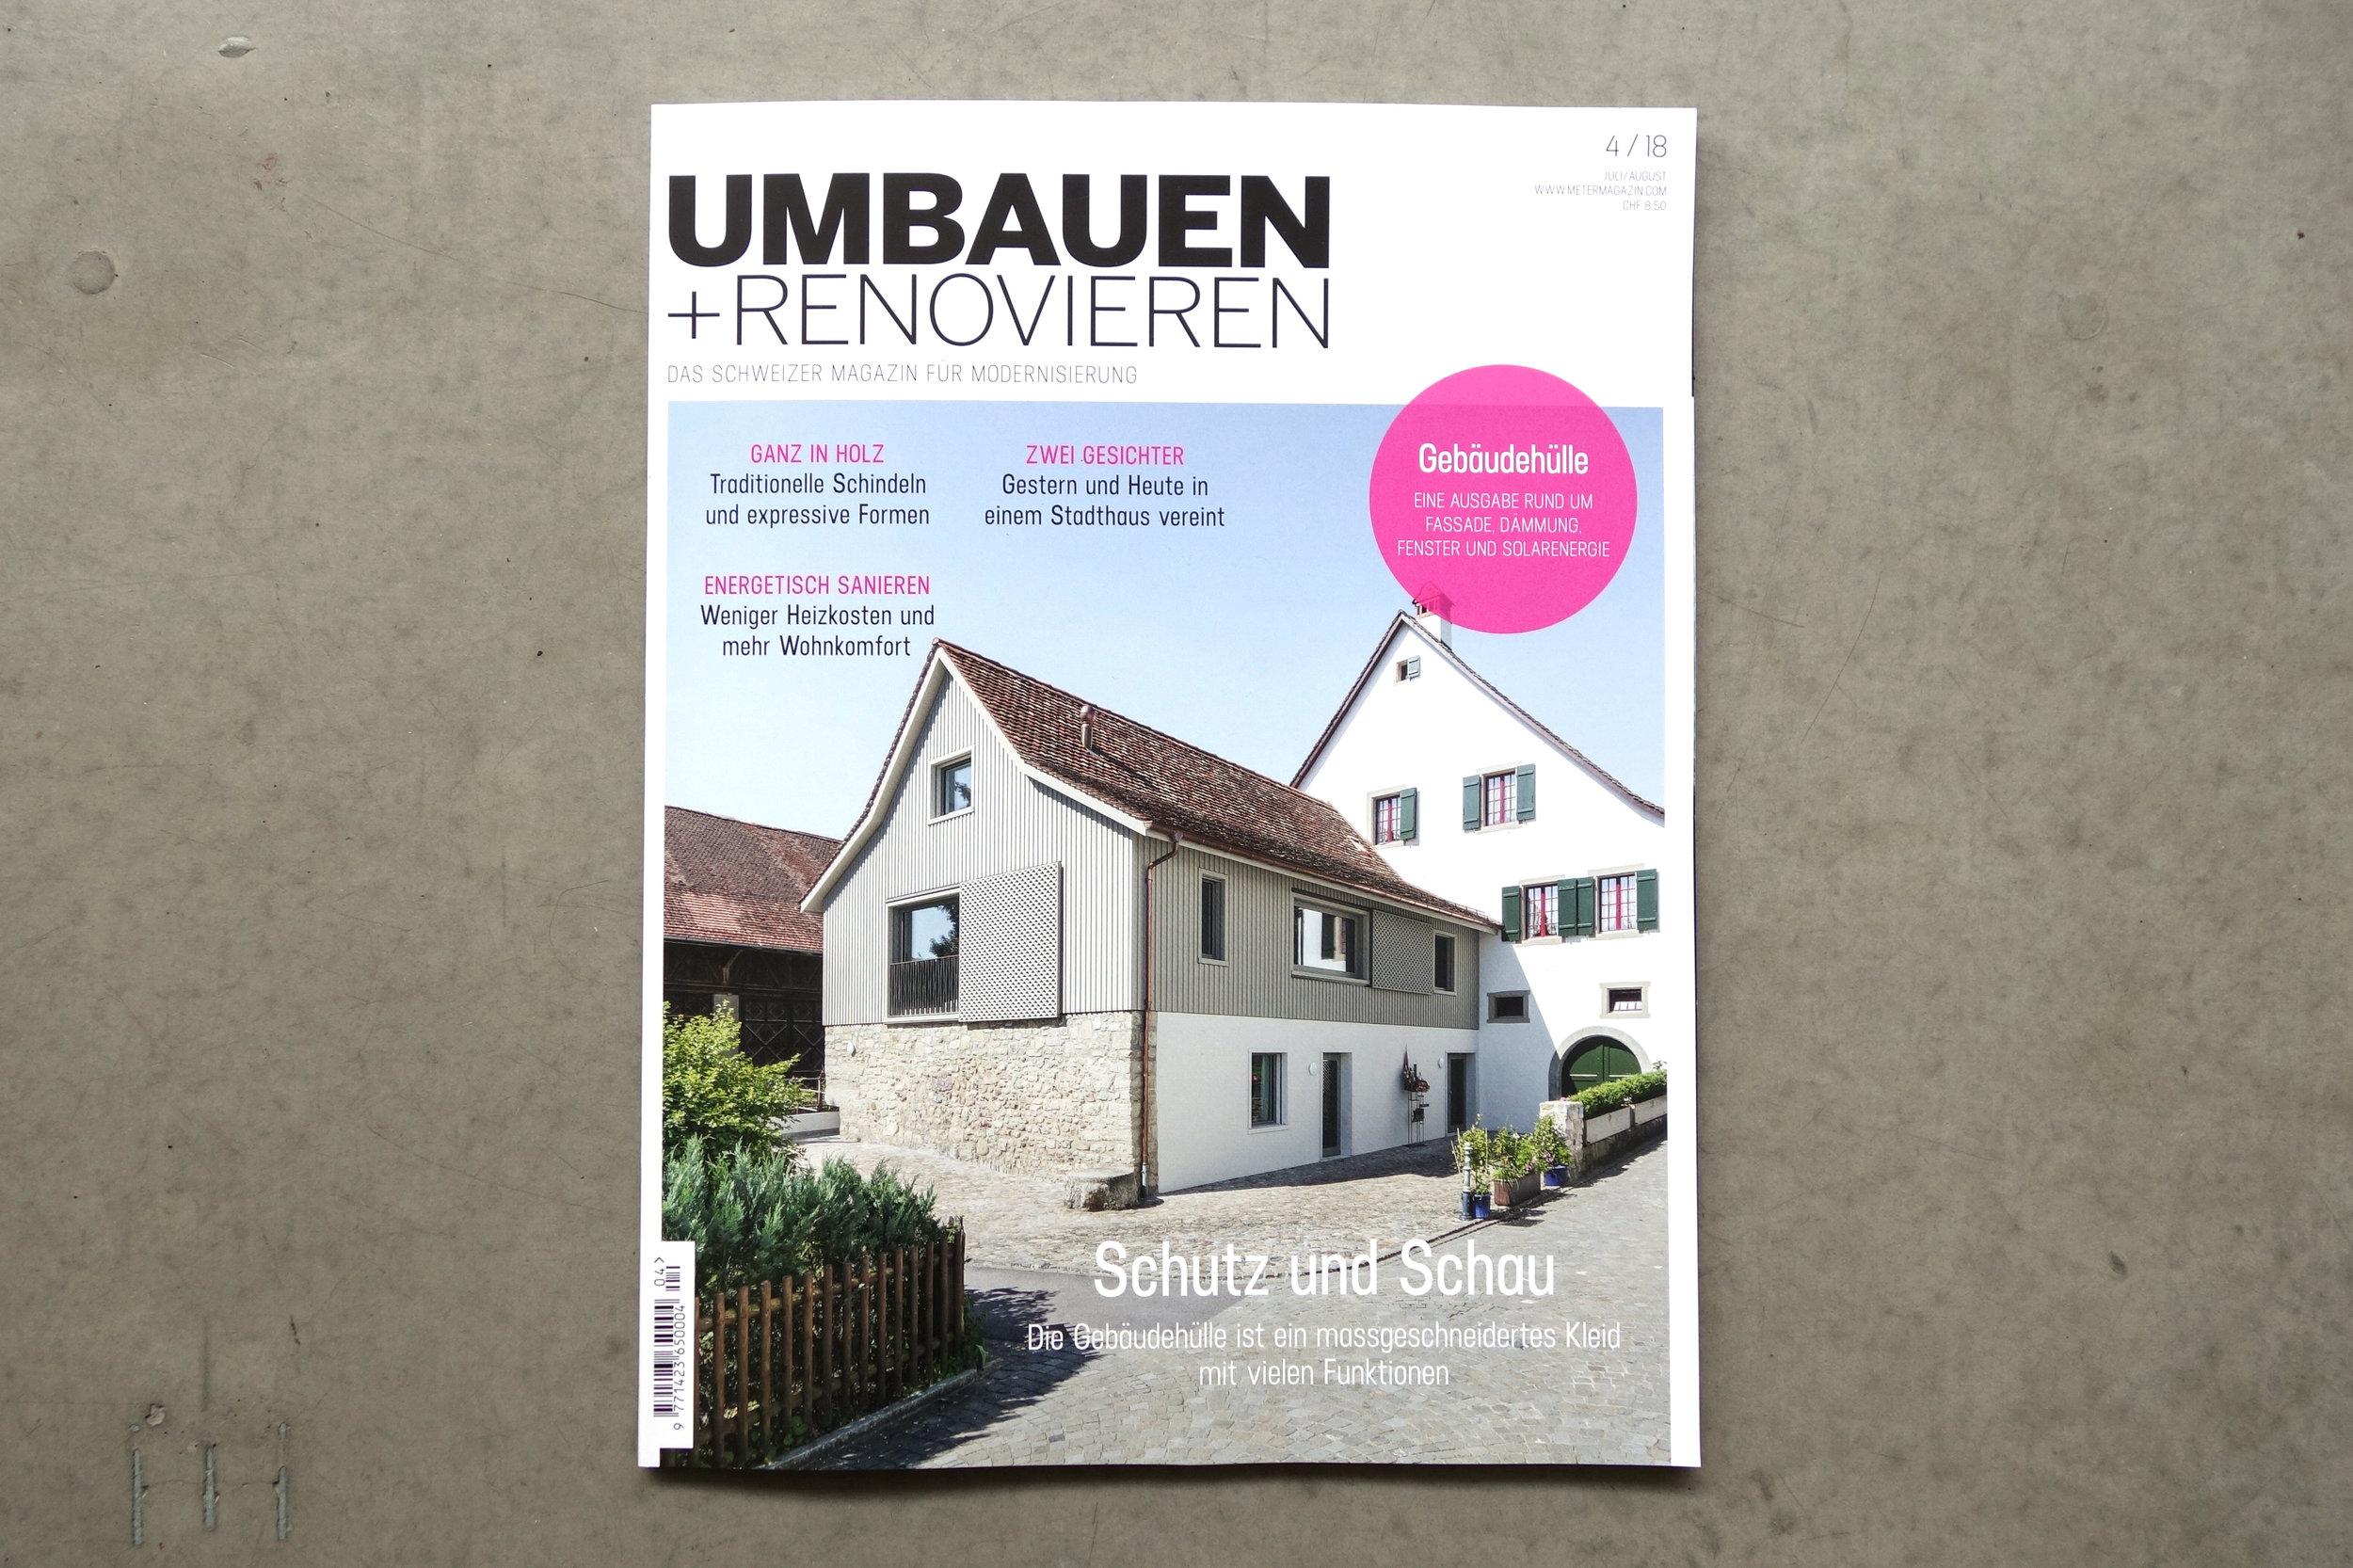 Umbauen+Renovieren Ausgabe 04/18